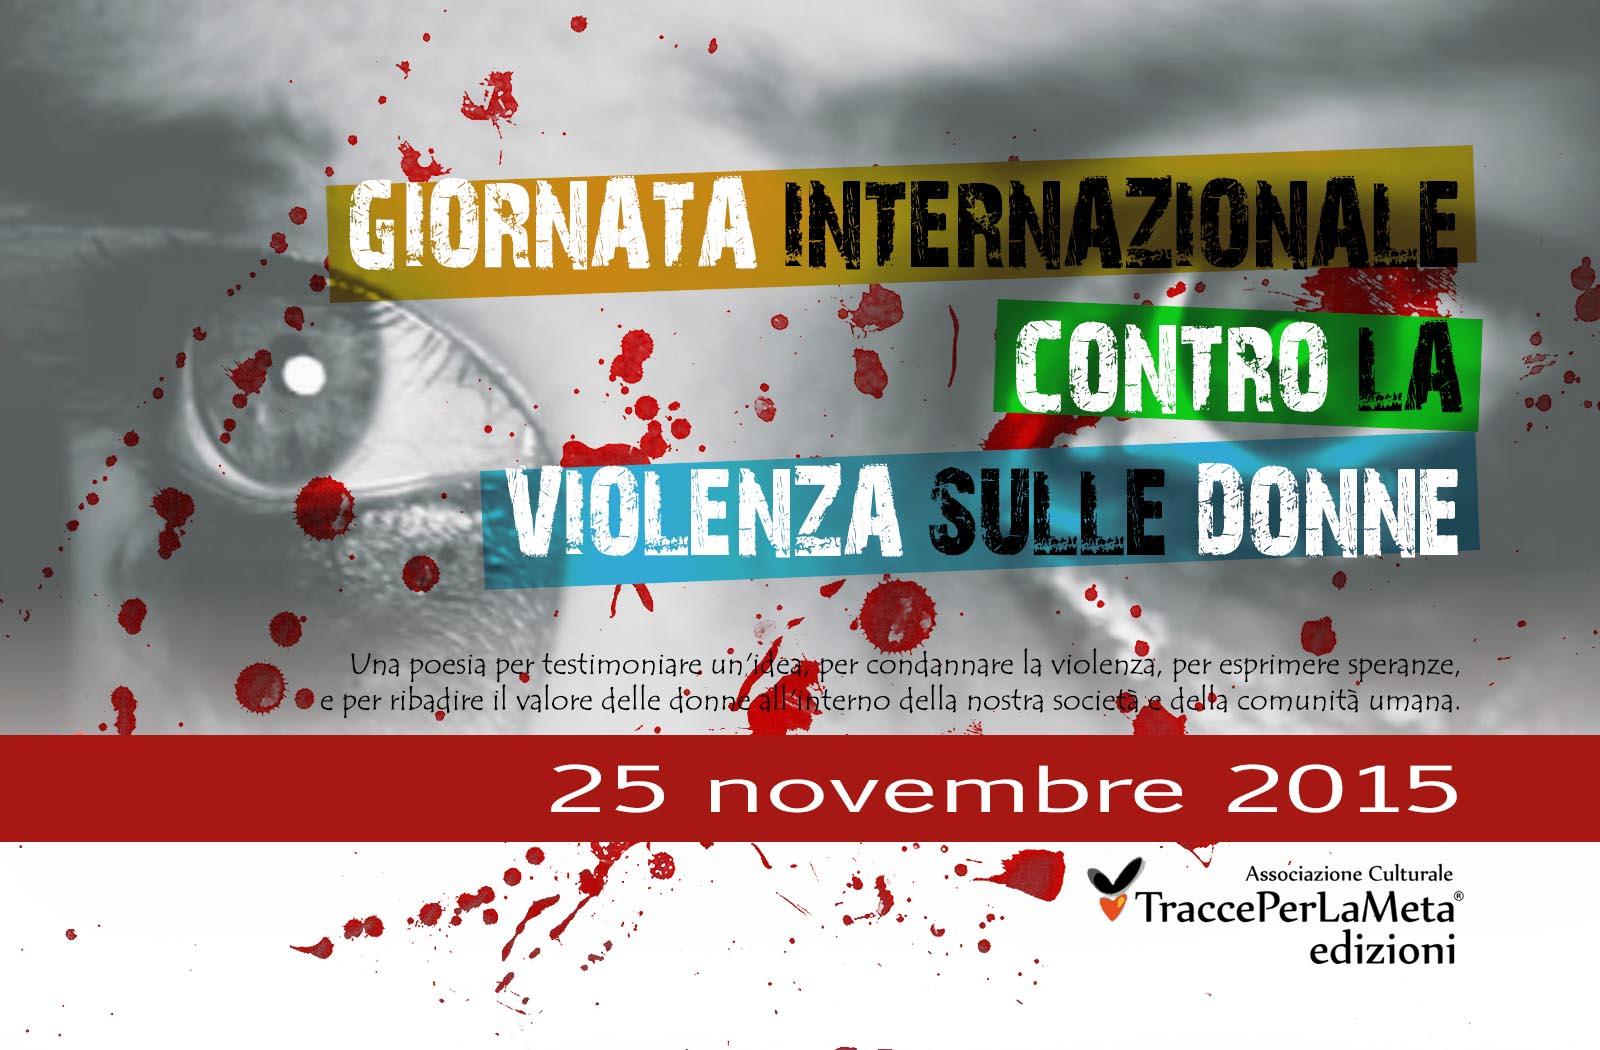 25novembre2015_Giornata_Mondiale_contro_la_violenza_sulle_donne